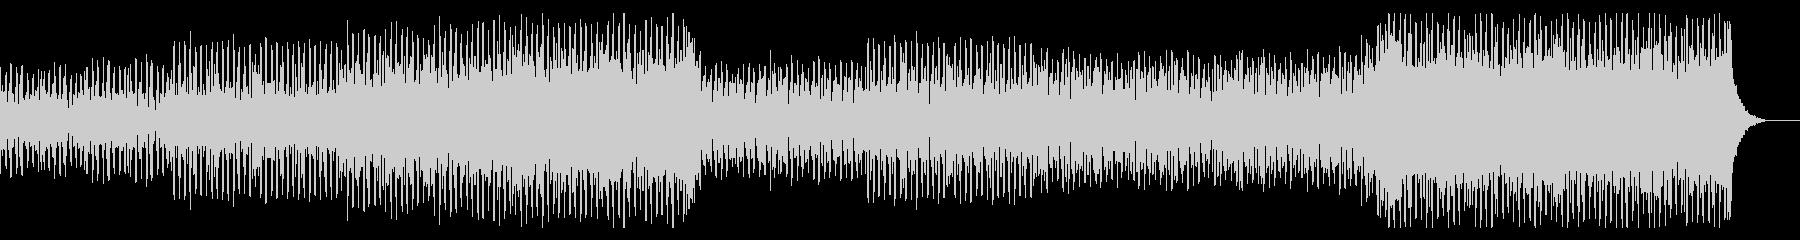 エレクトロとロックが融合したスピード感の未再生の波形